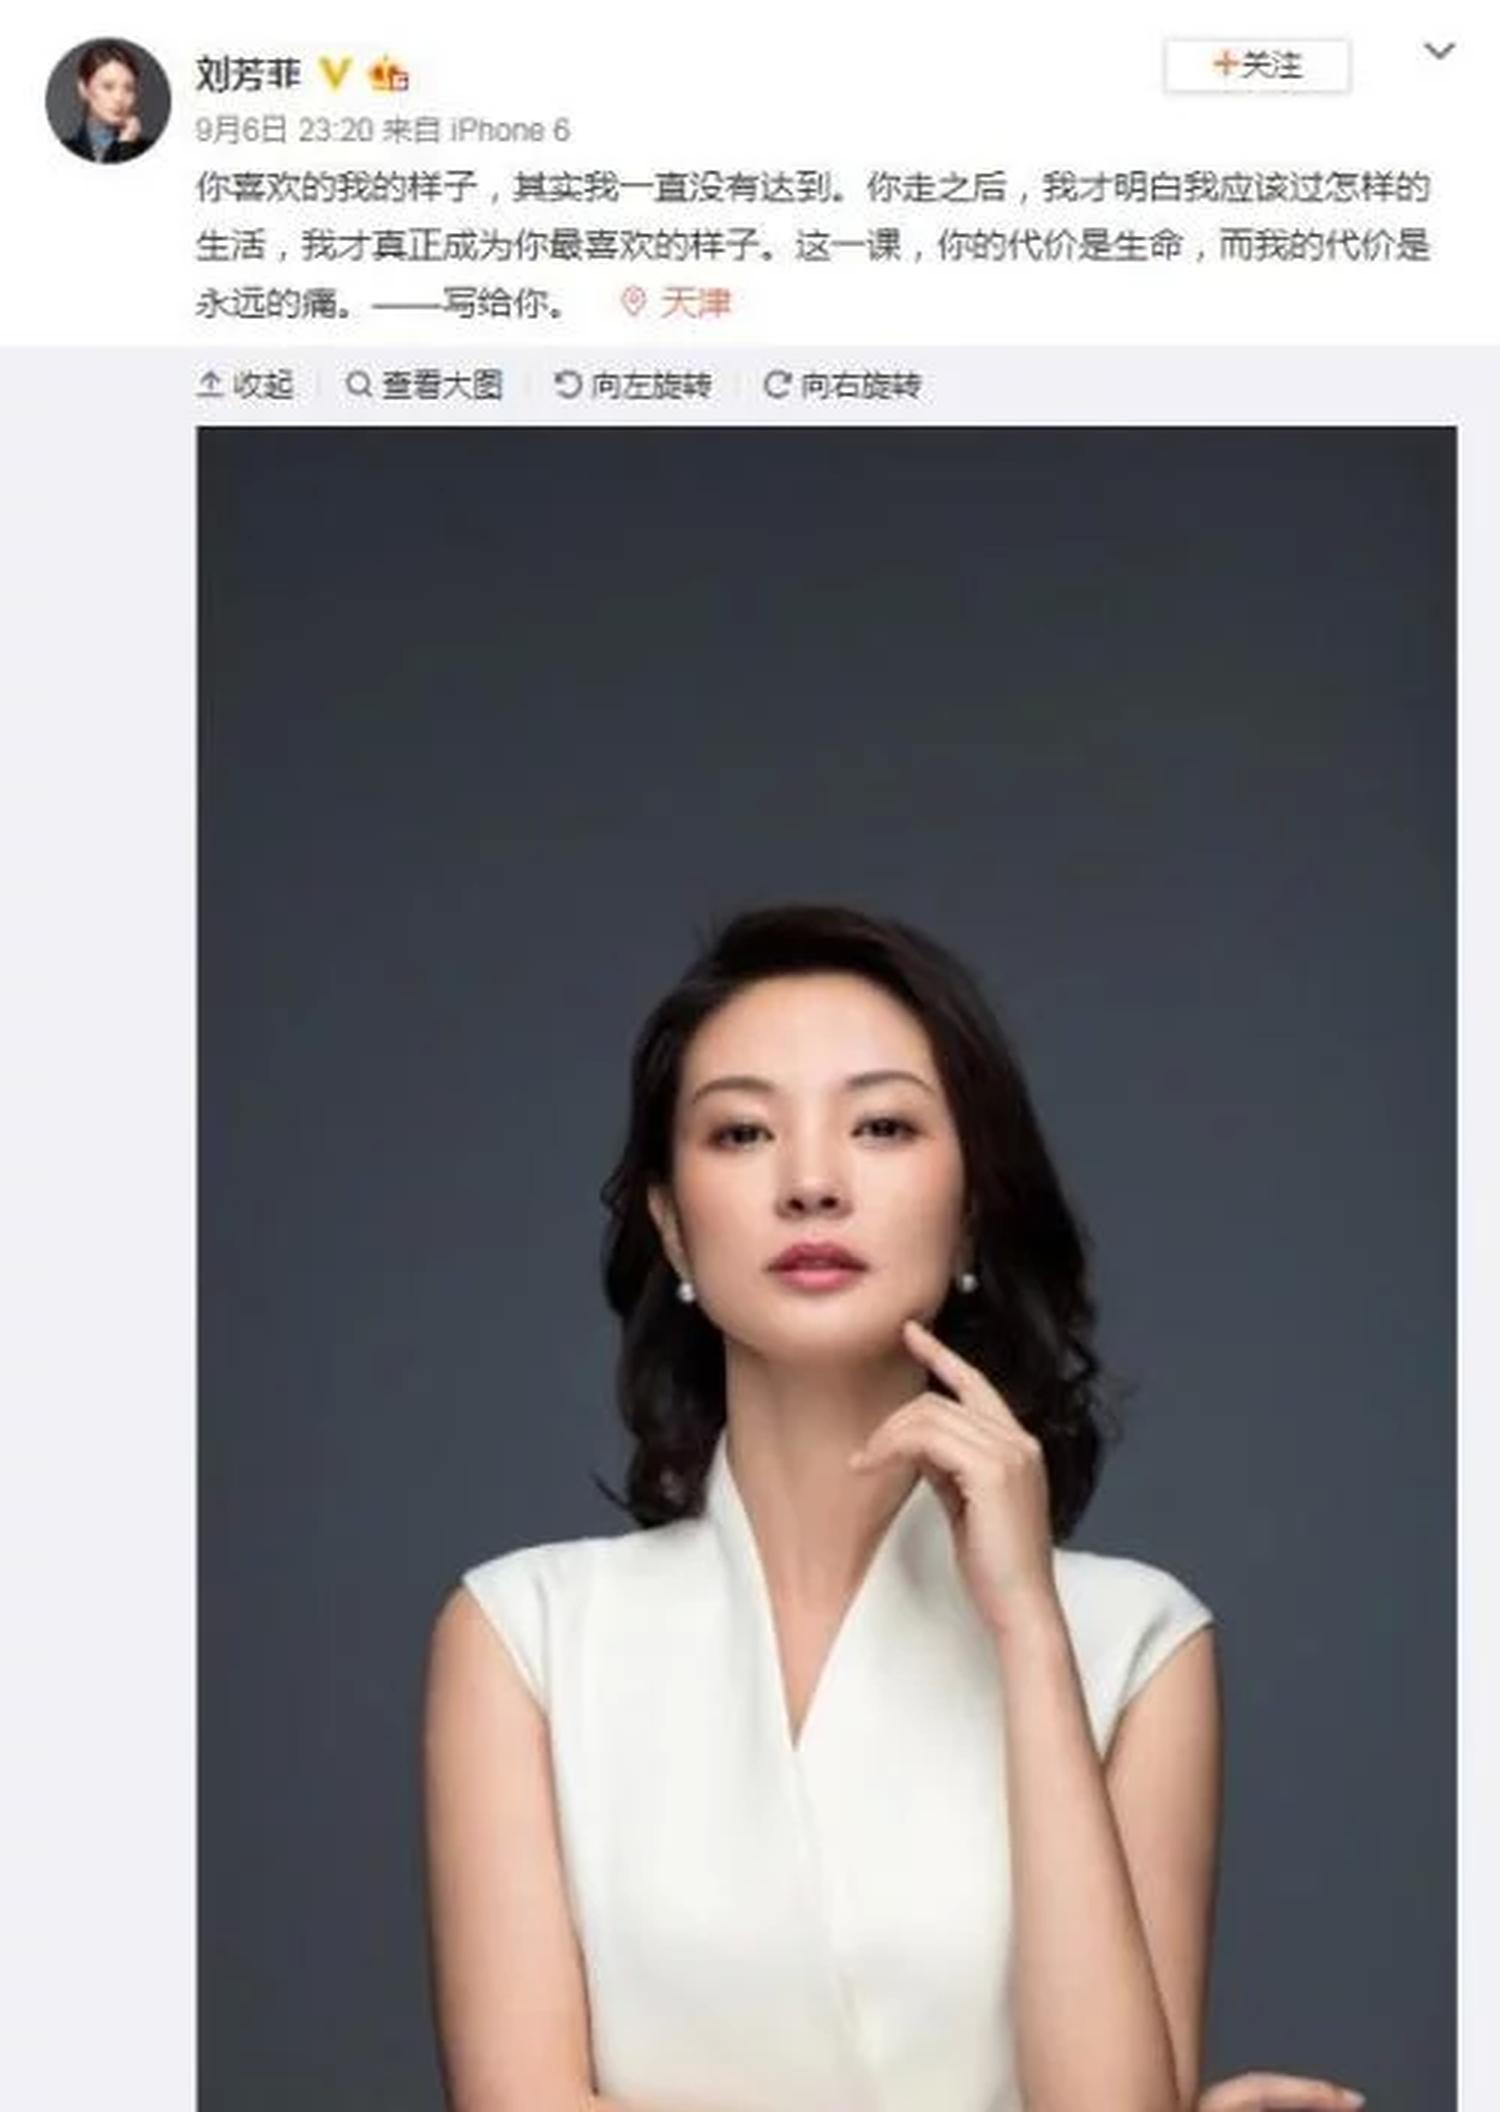 劉芳菲在開庭前又發佈微博,懷念亡夫。